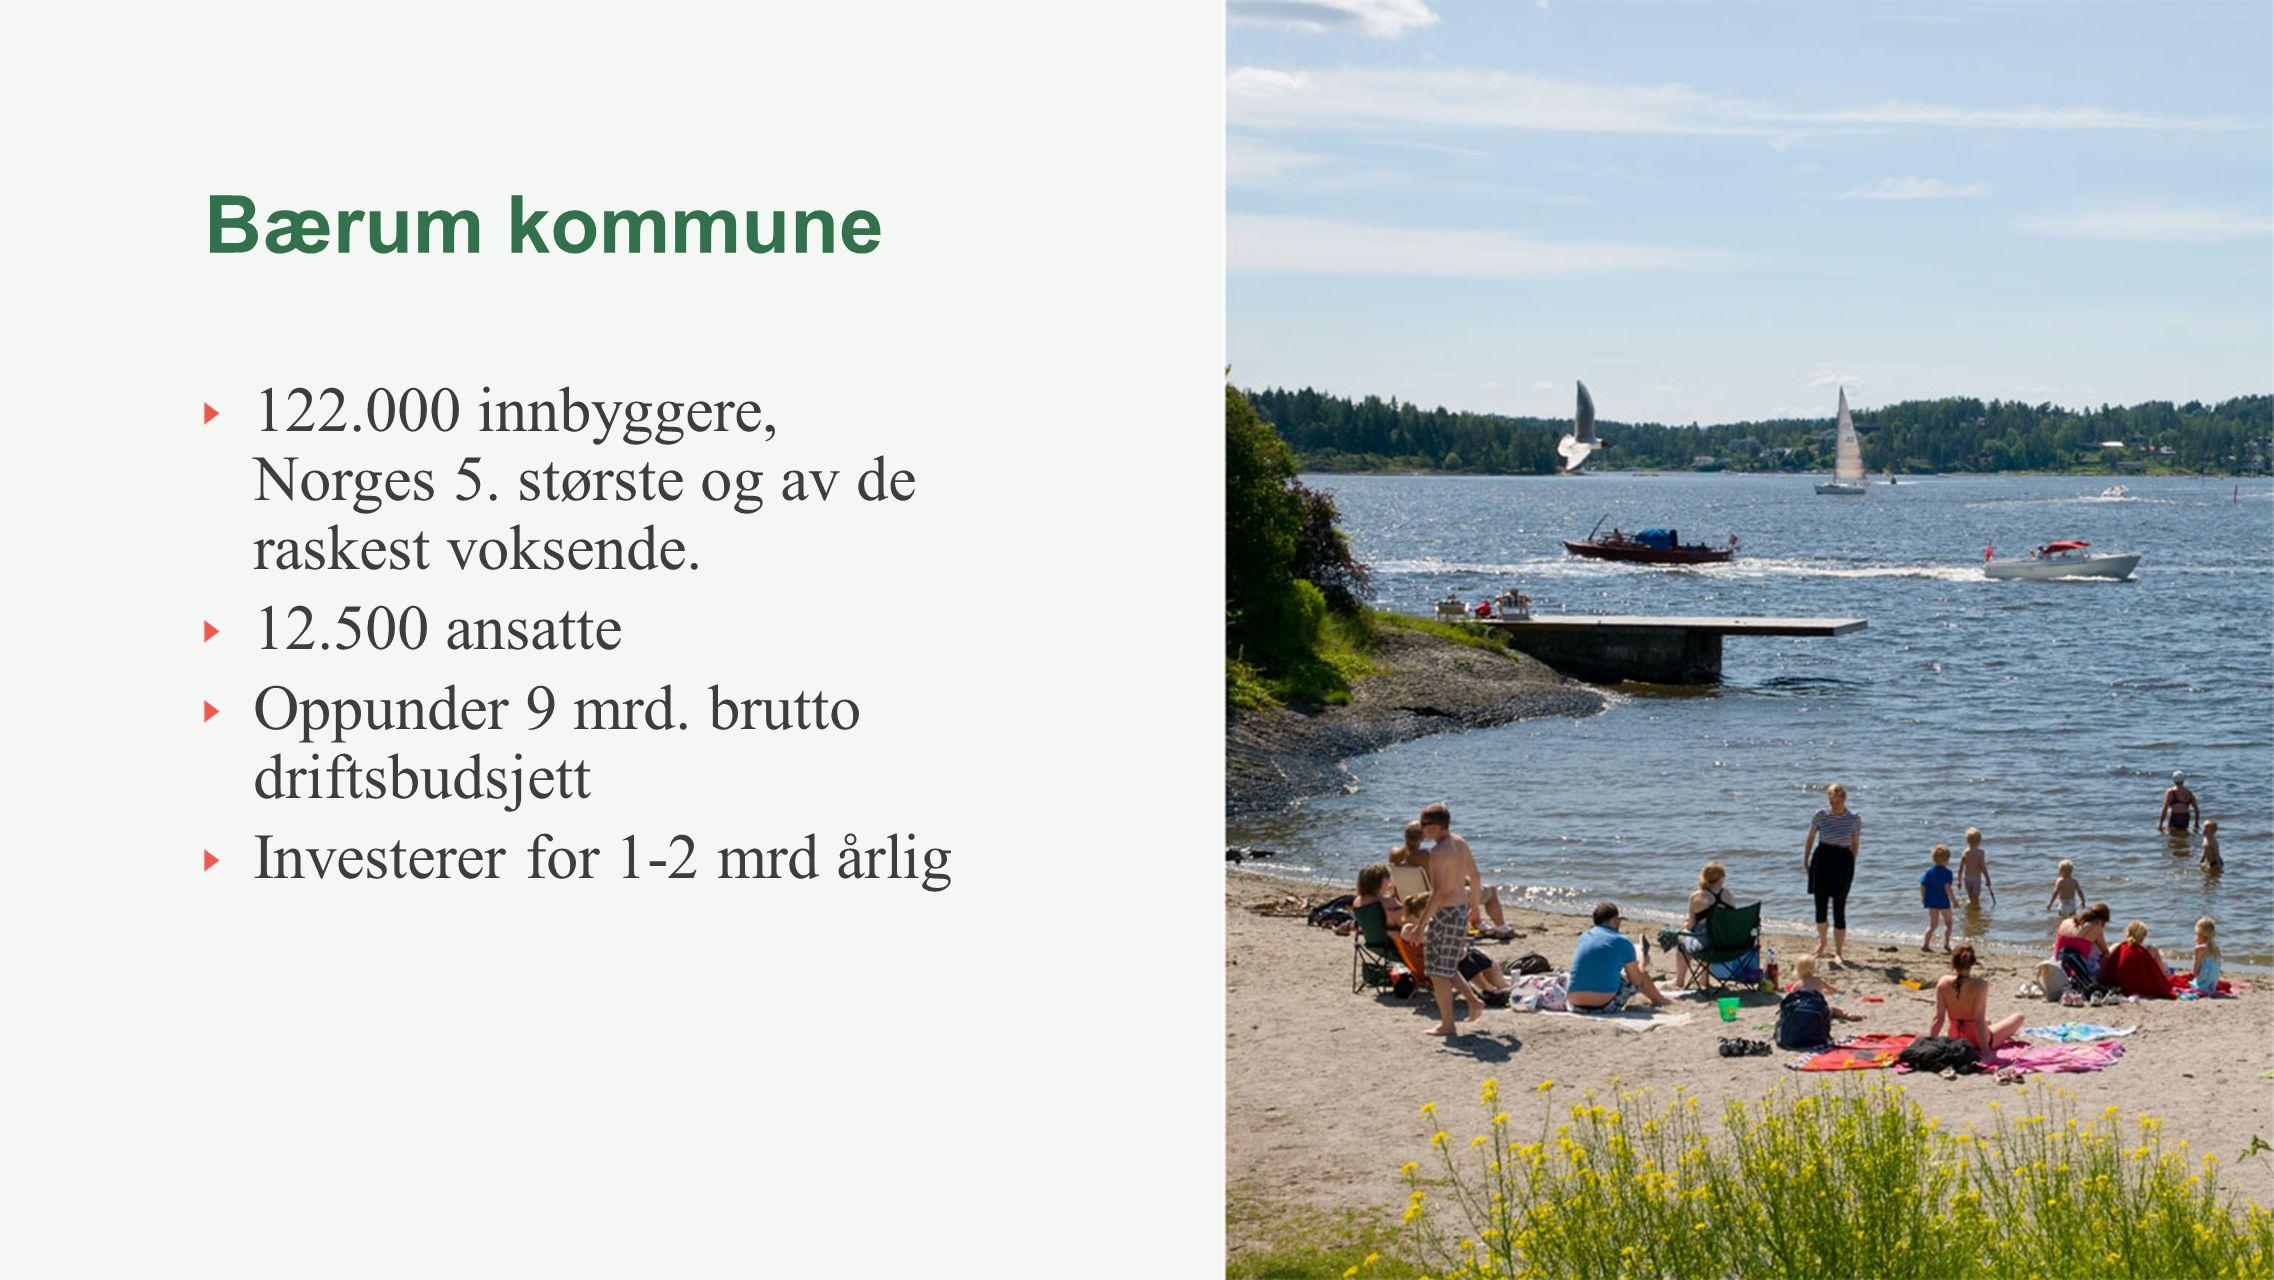 Bærum kommune 122.000 innbyggere, Norges 5. største og av de raskest voksende.